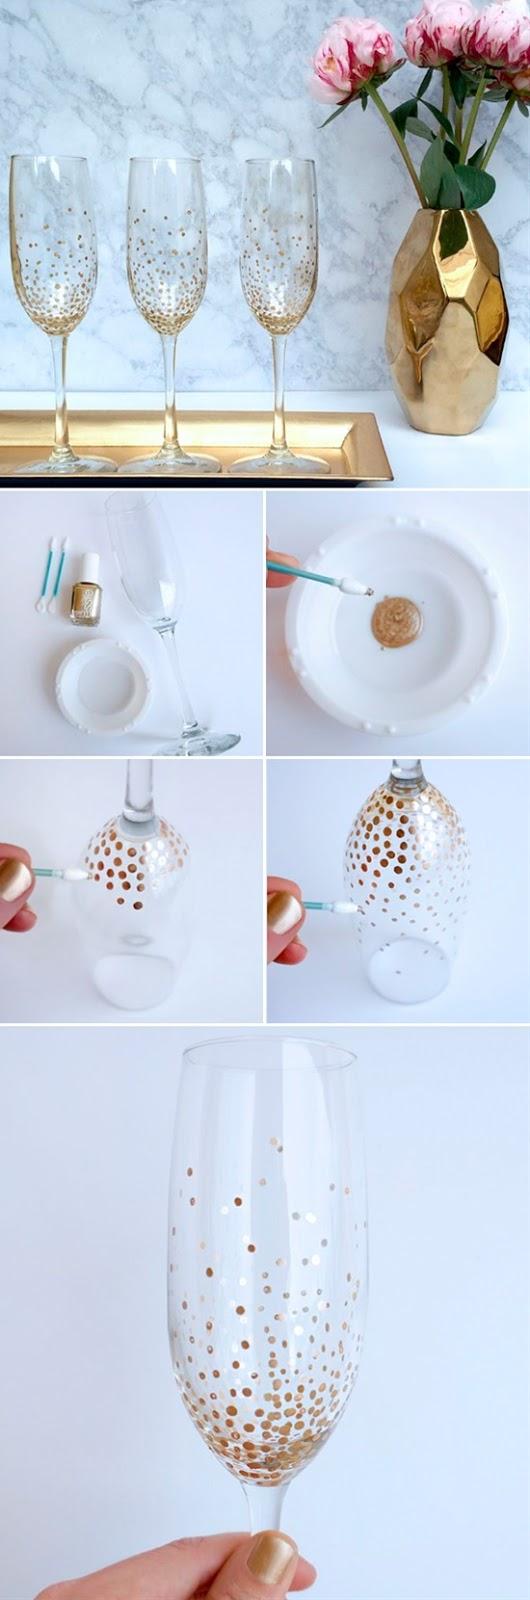 Nail Polish Crafts, DIY Nail Polish, DIY Crafts, DIY, Nail Polish Tips, Easy Craft Ideas, DIY Ideas, DIY Projects